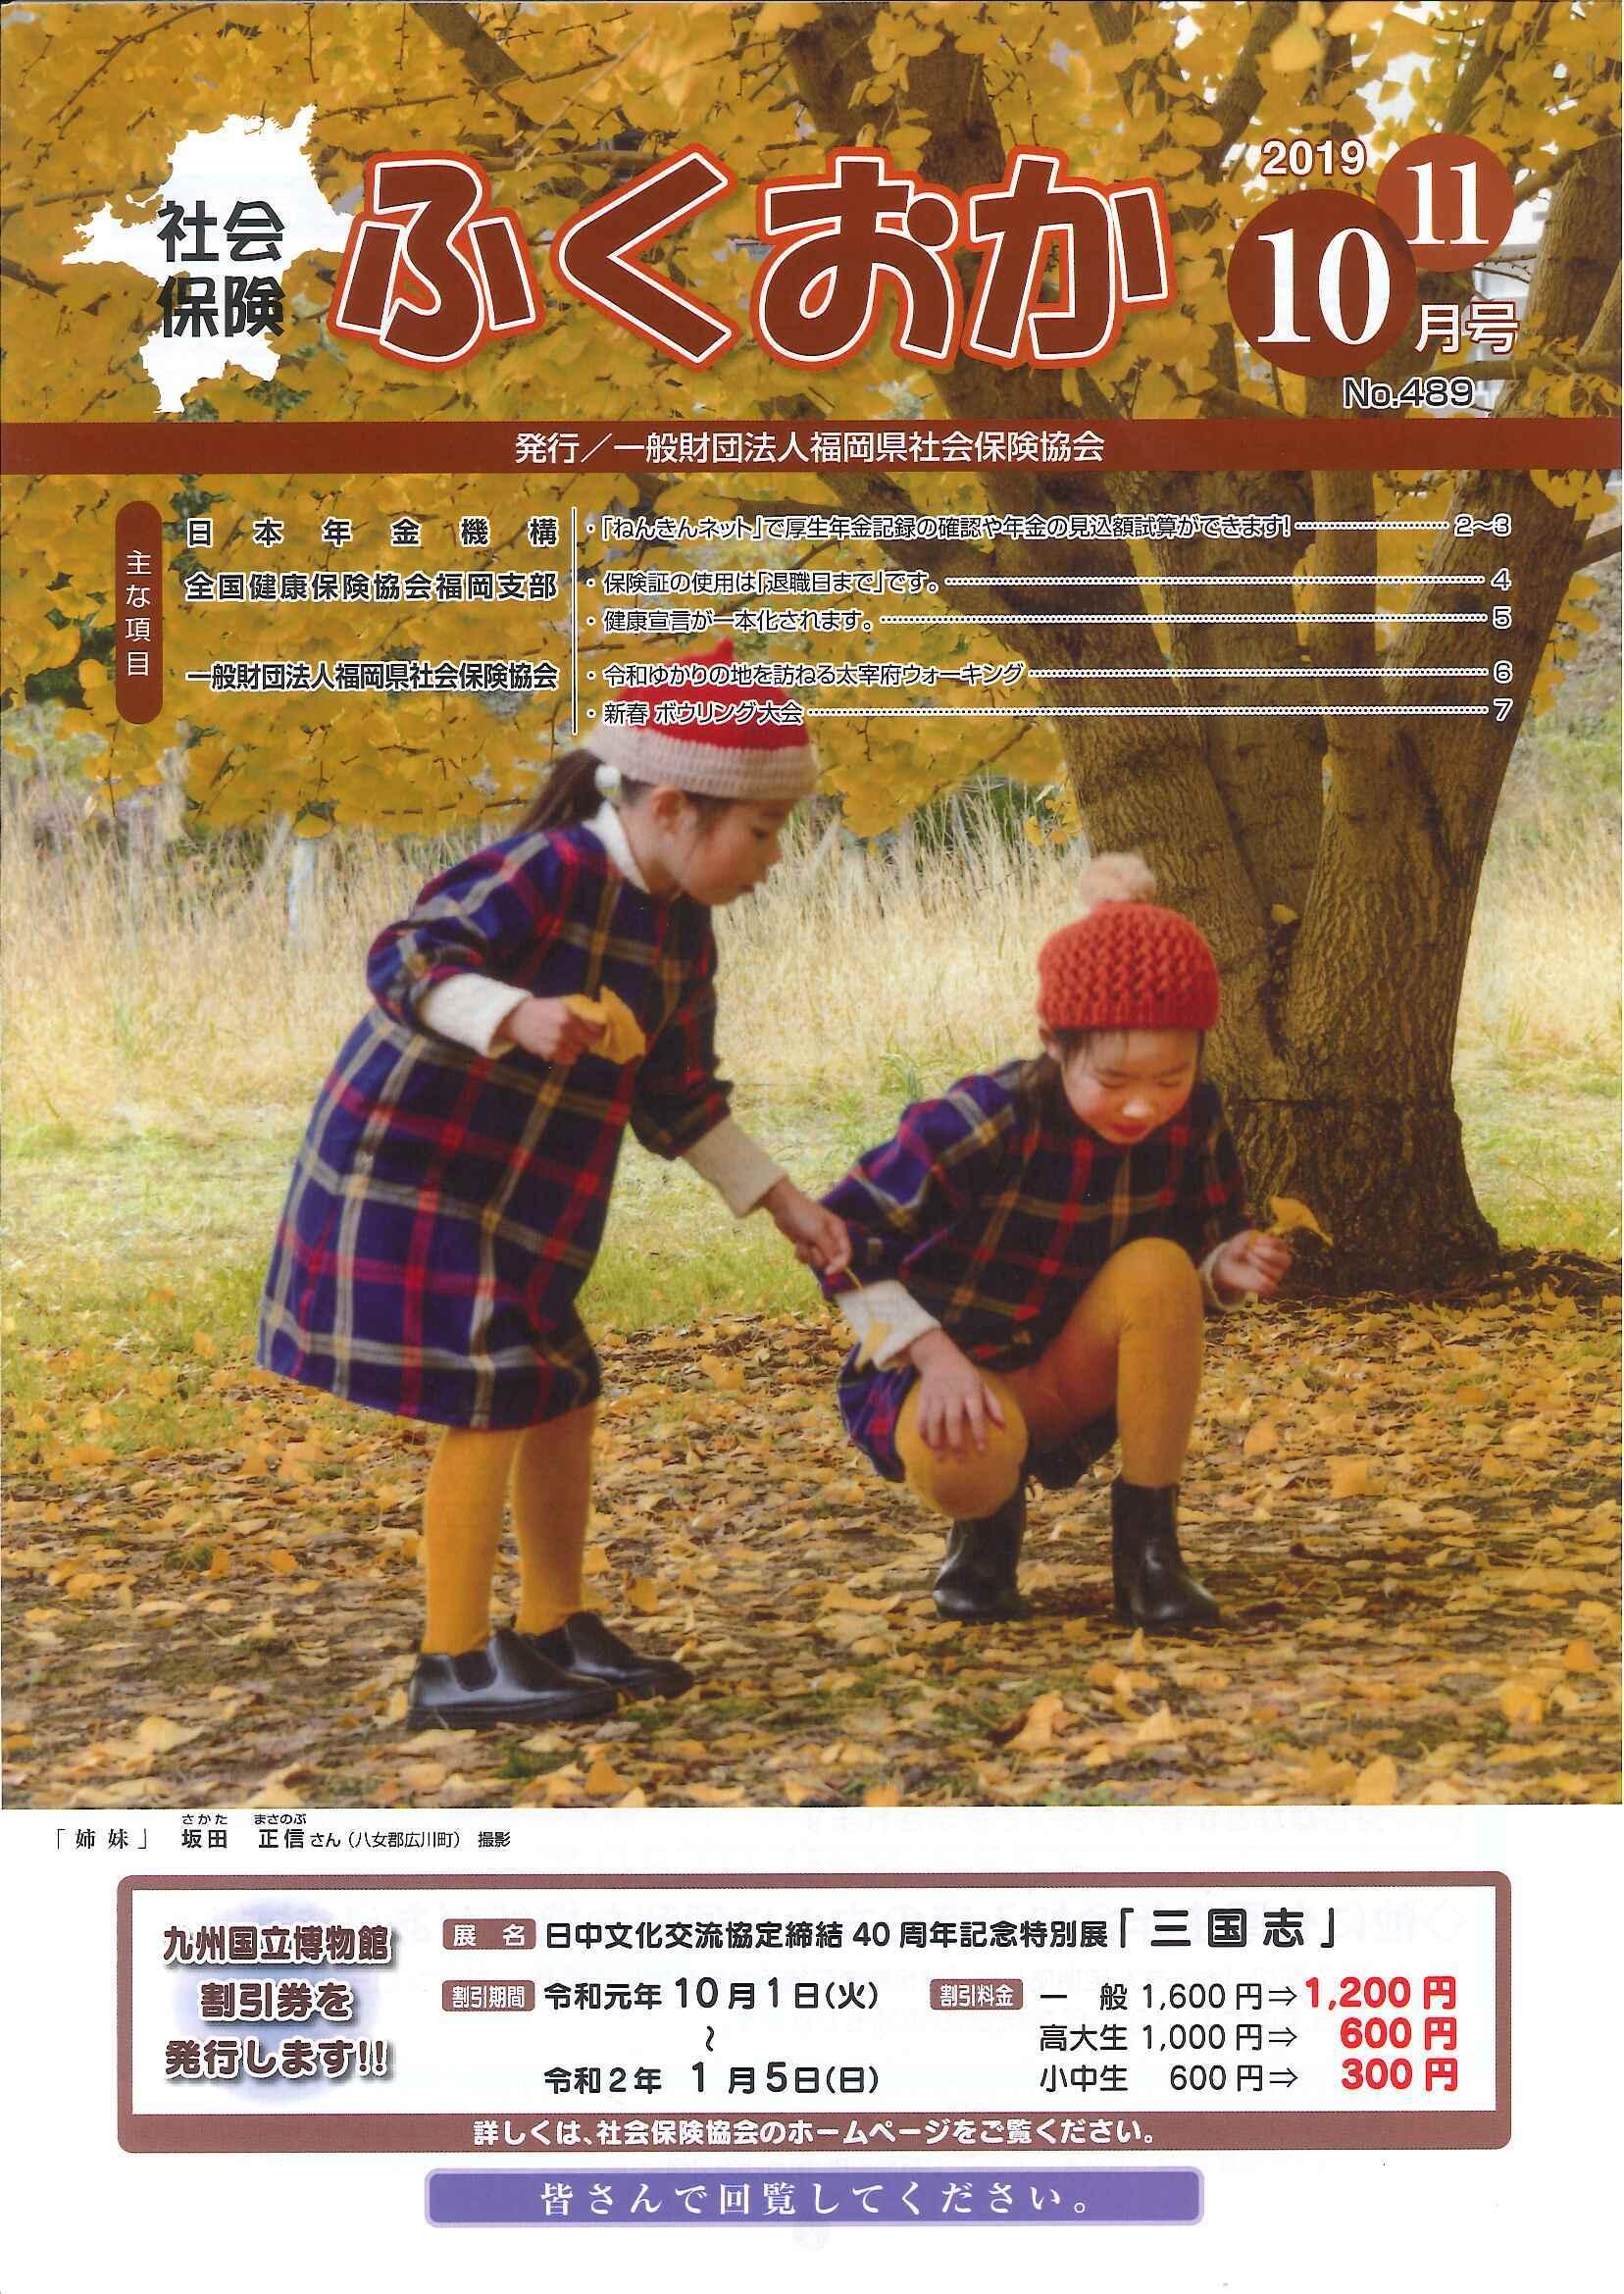 社会保険 ふくおか 2019年10・11月号_f0120774_11314191.jpg